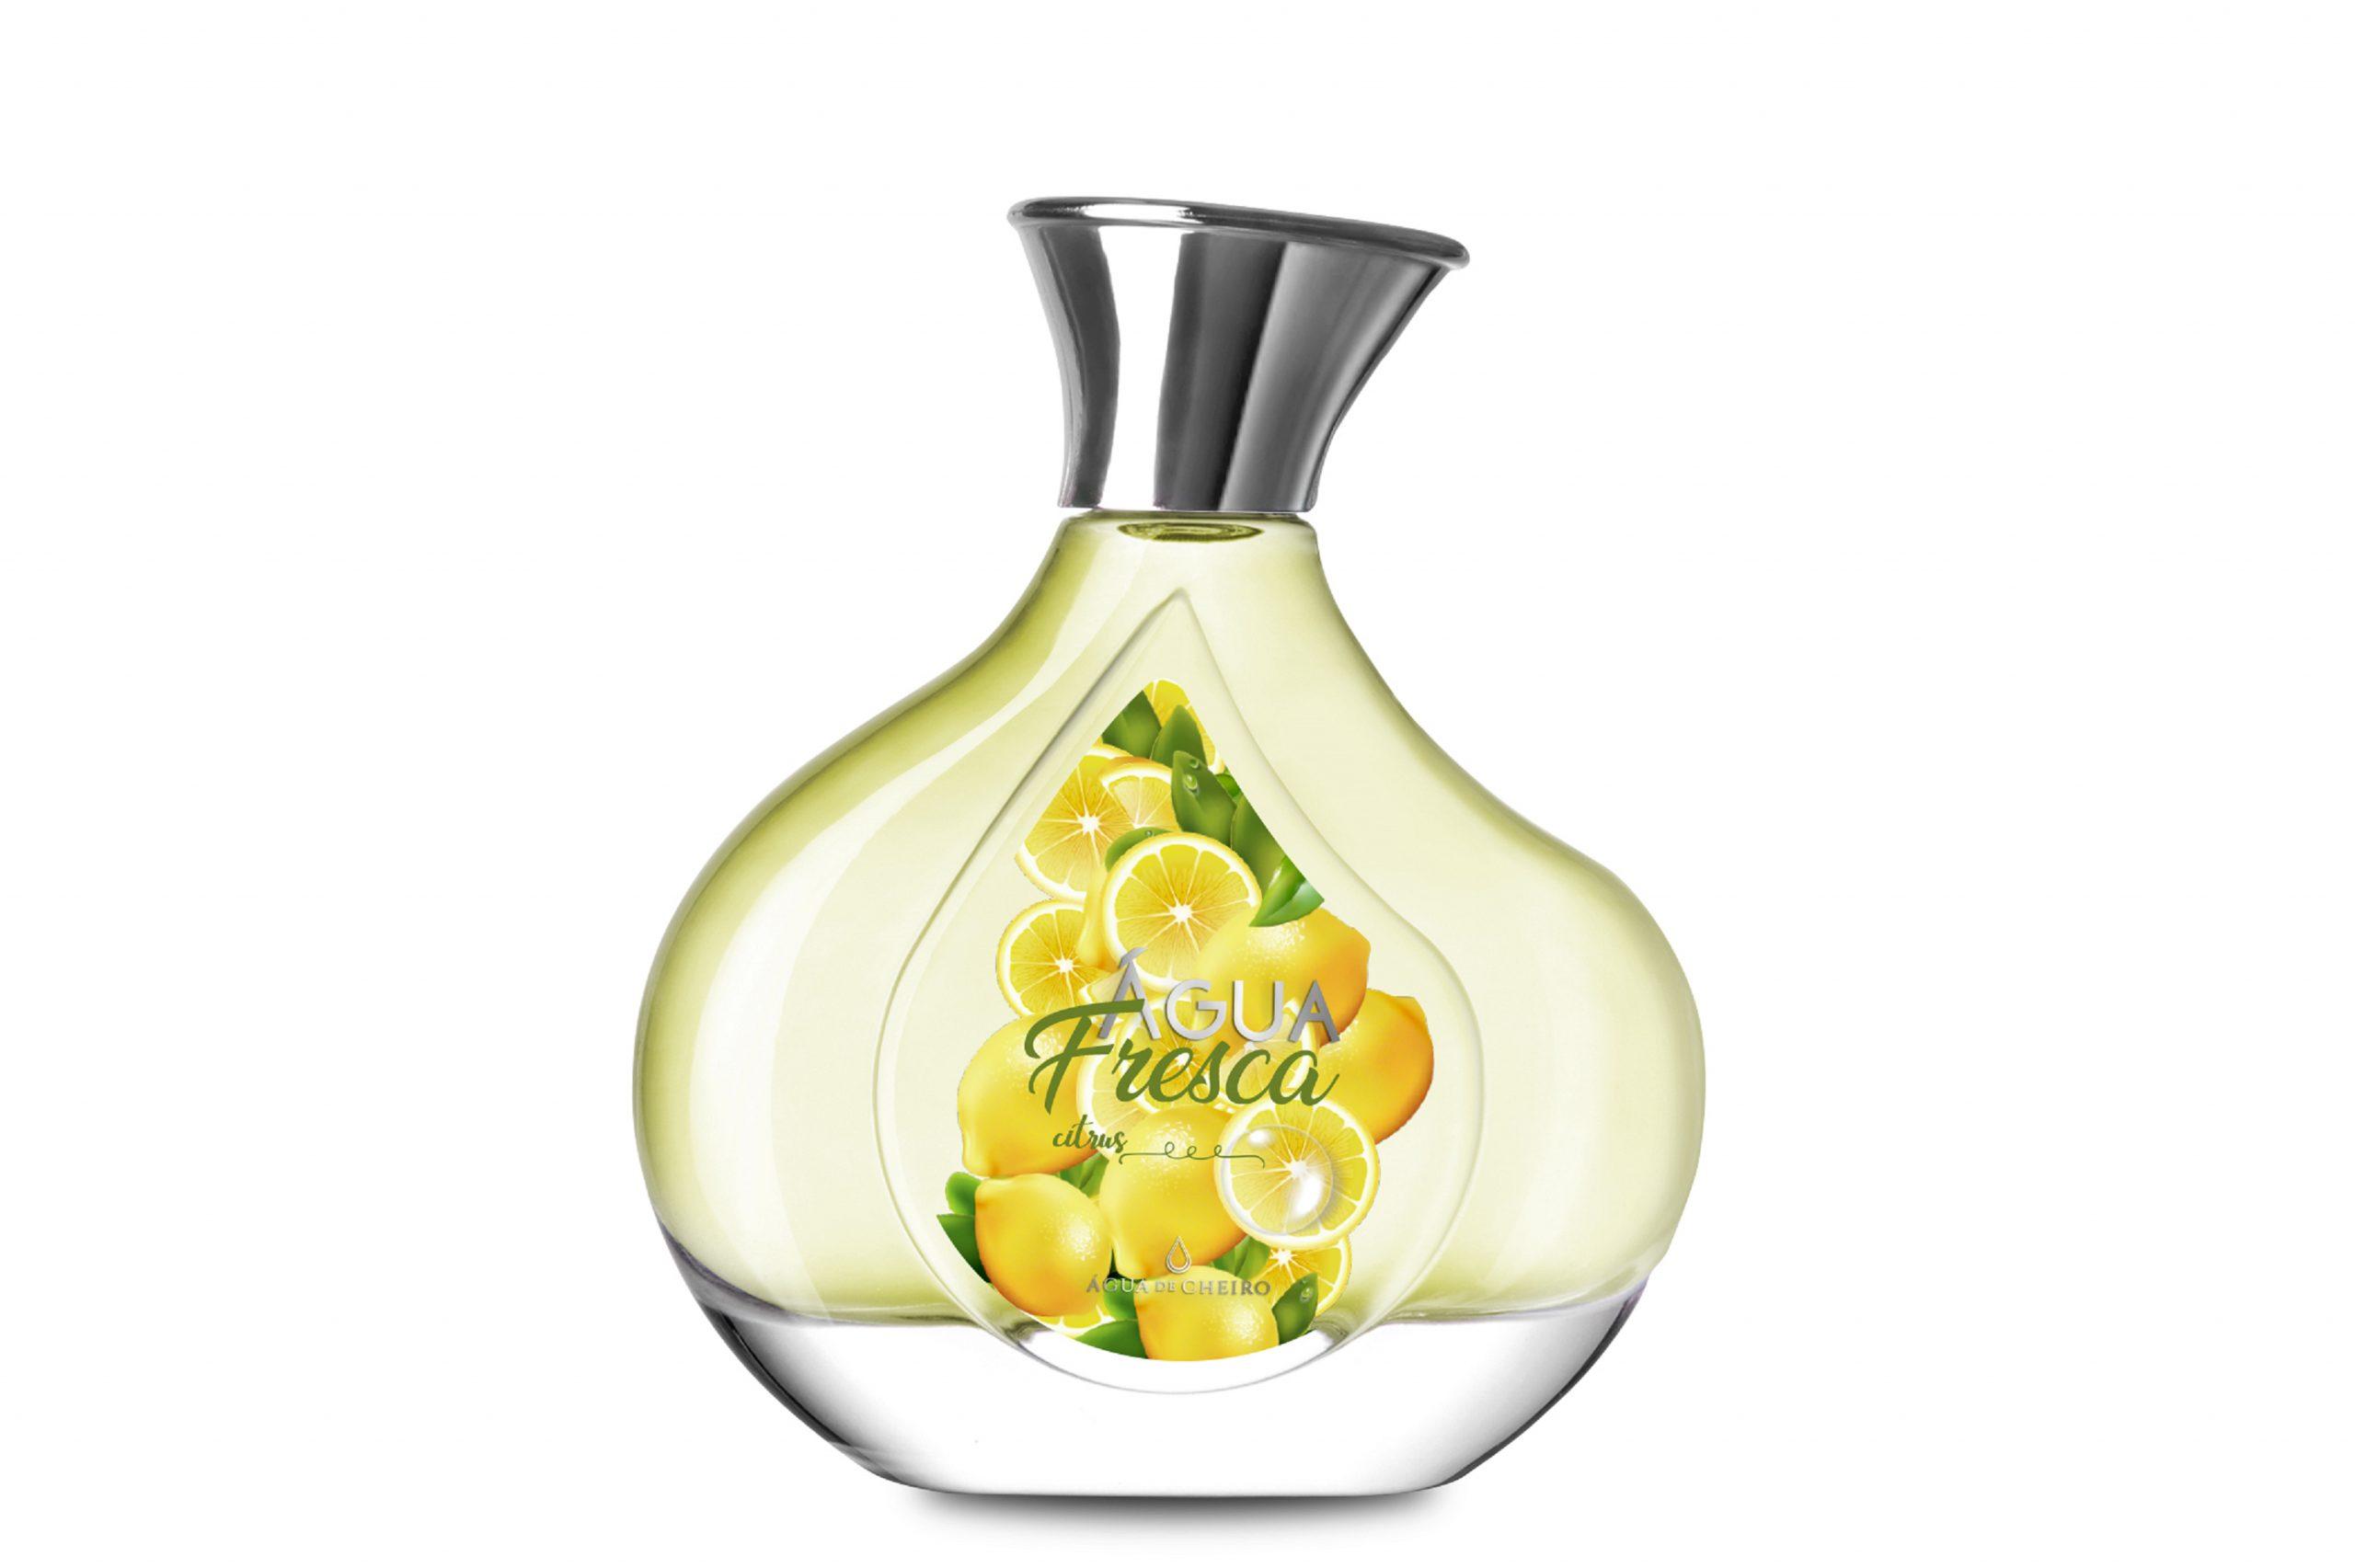 Descubra os perfumes ideais para usar e abusar neste verão